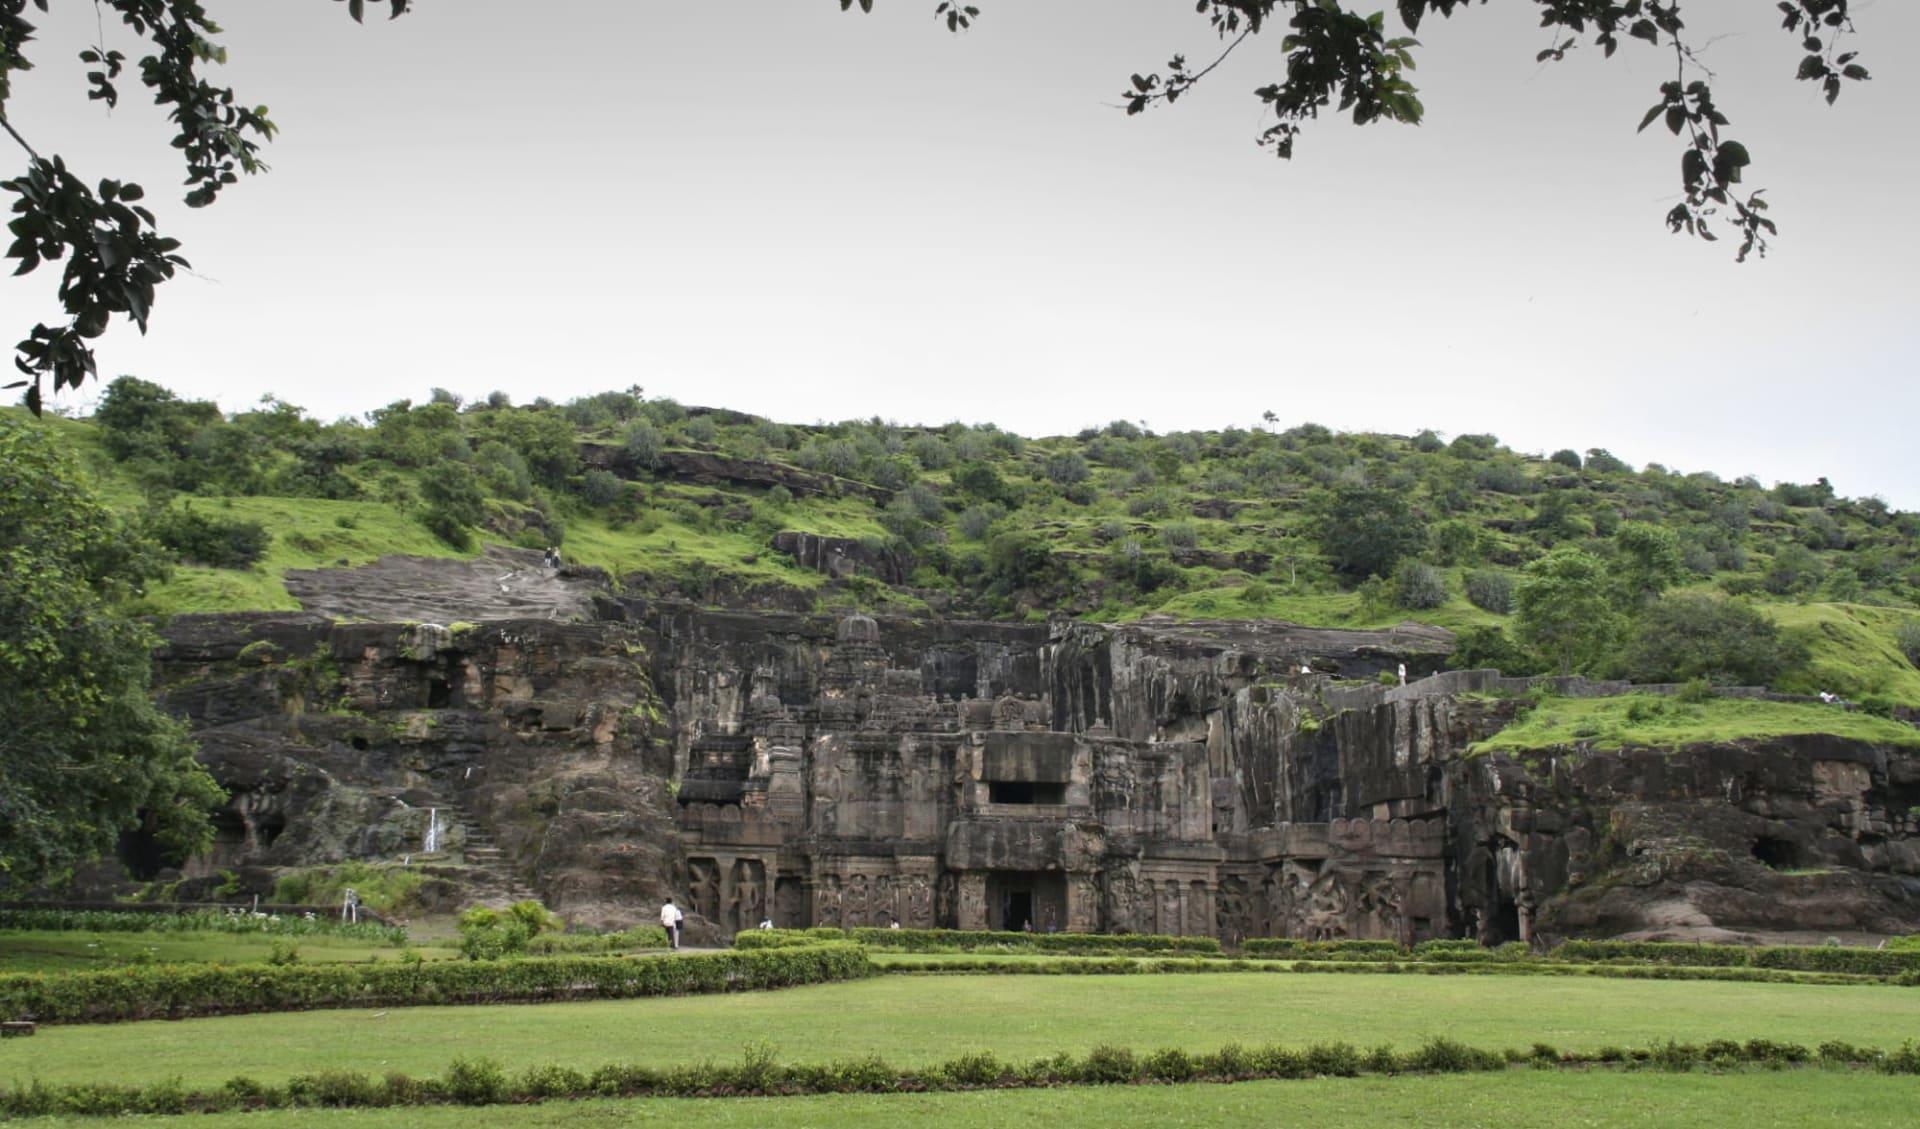 Weltkulturerbe Ellora & Ajanta ab Aurangabad: Ellora: Temples